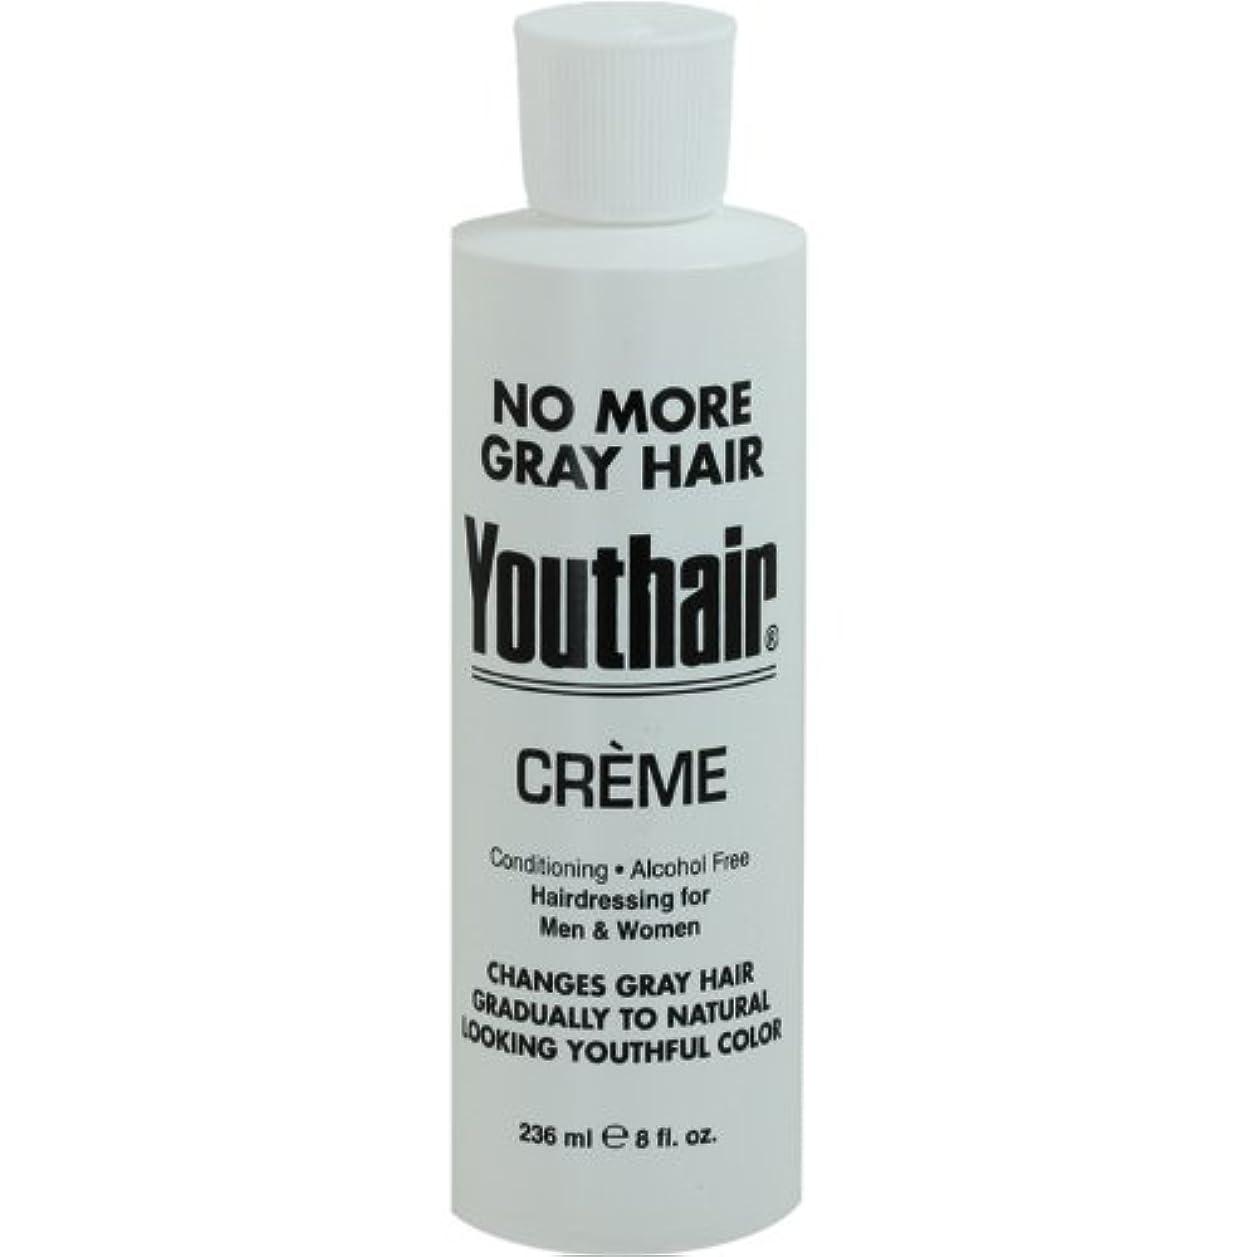 宿る接続された寄託Youthair Creme, Round Bottle, 8 Ounce by Youthair